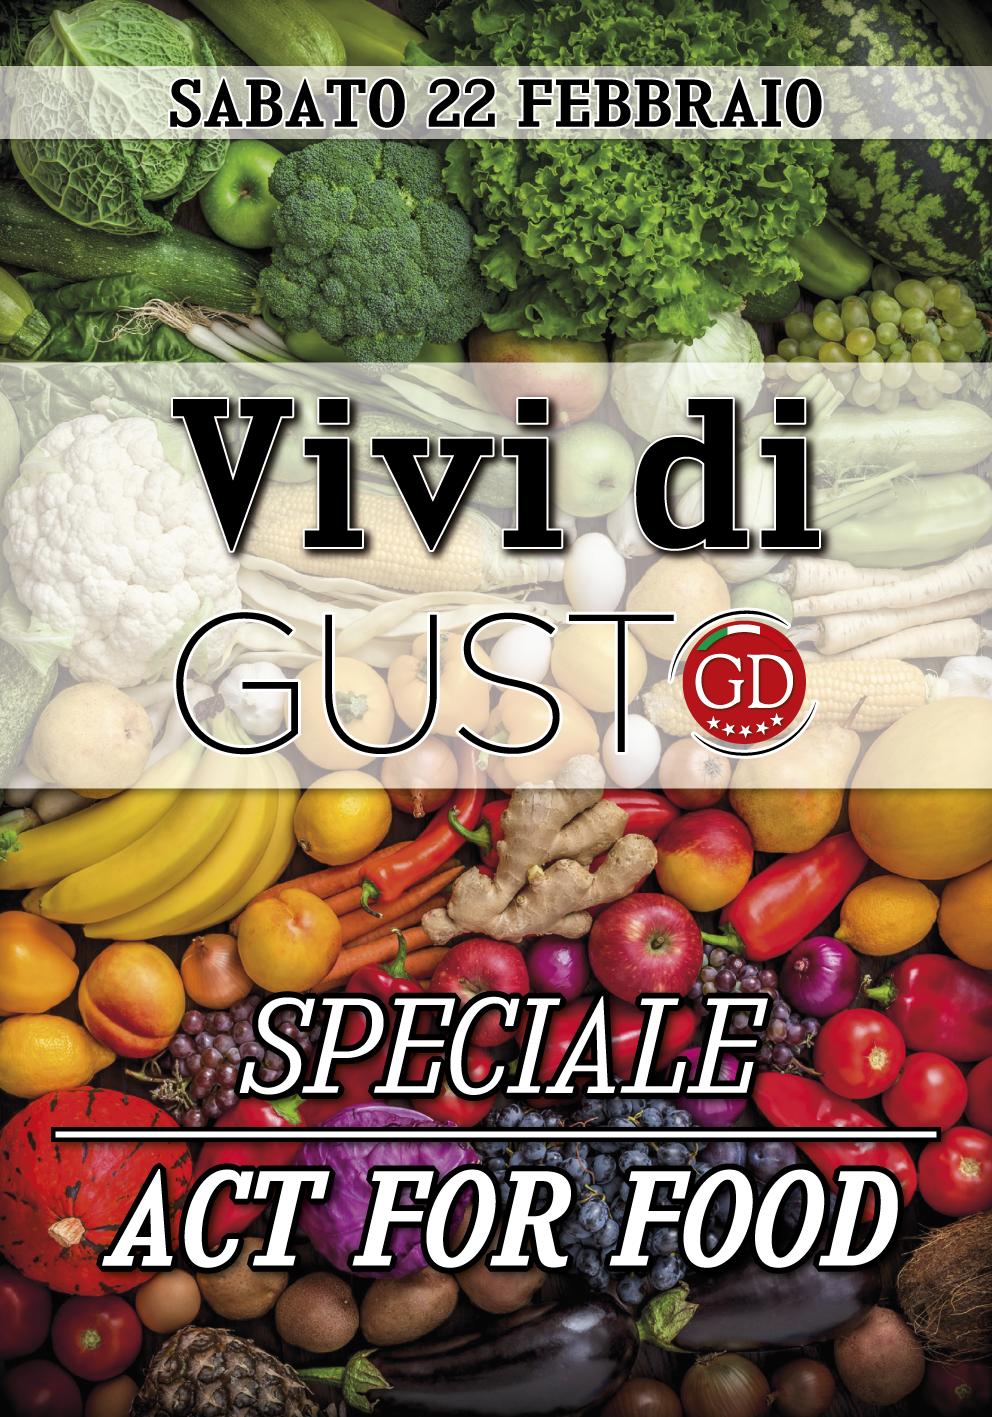 gustogd_evento-vivi-di-gusto_febbraio